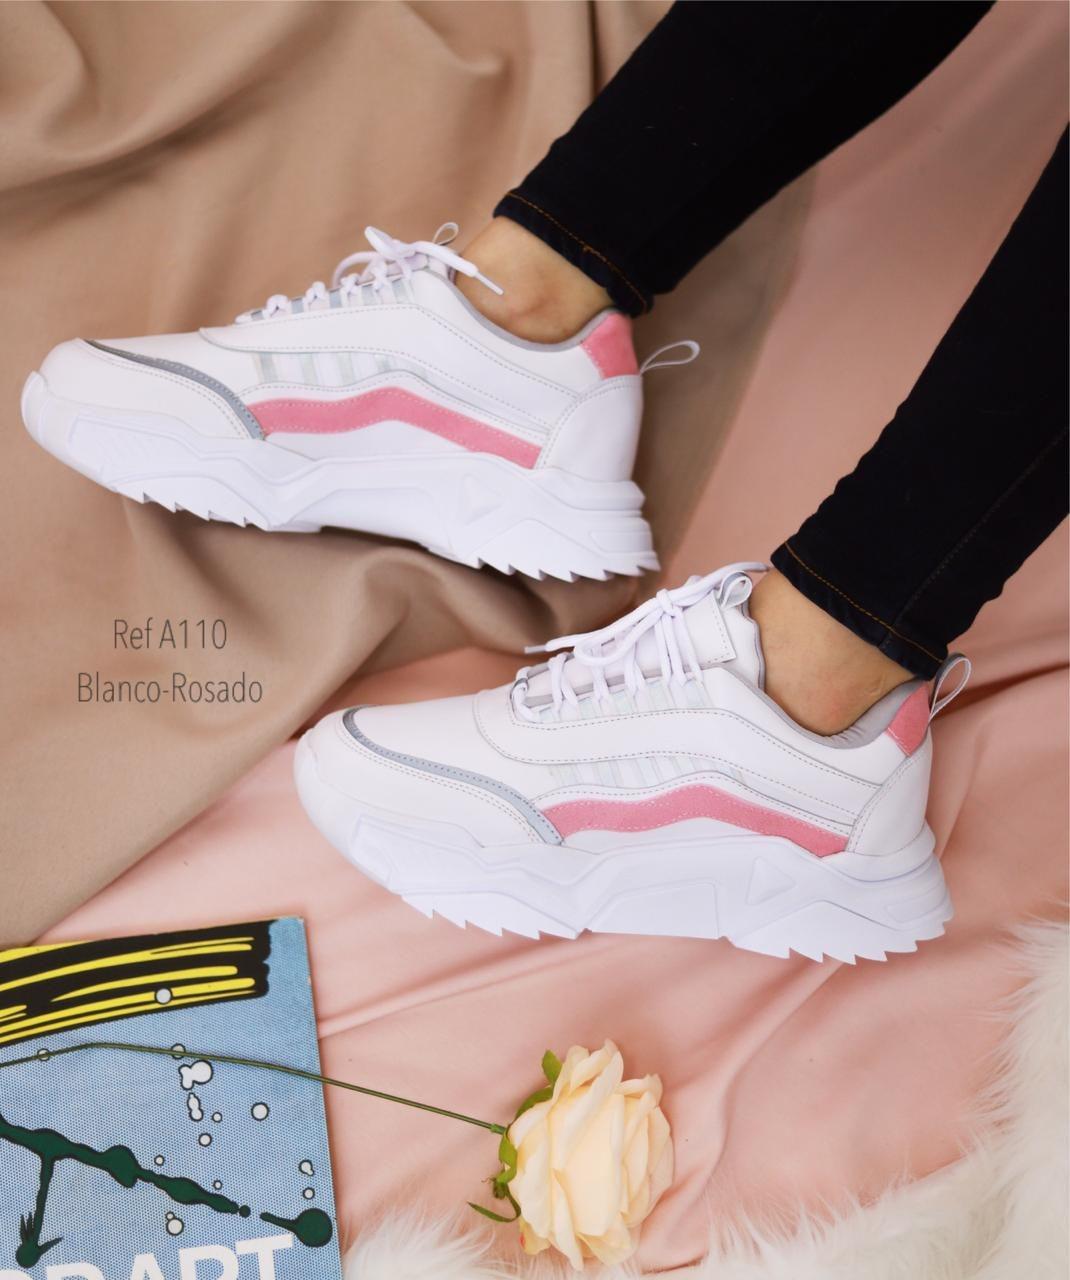 RefA-110 Blanco- rosado